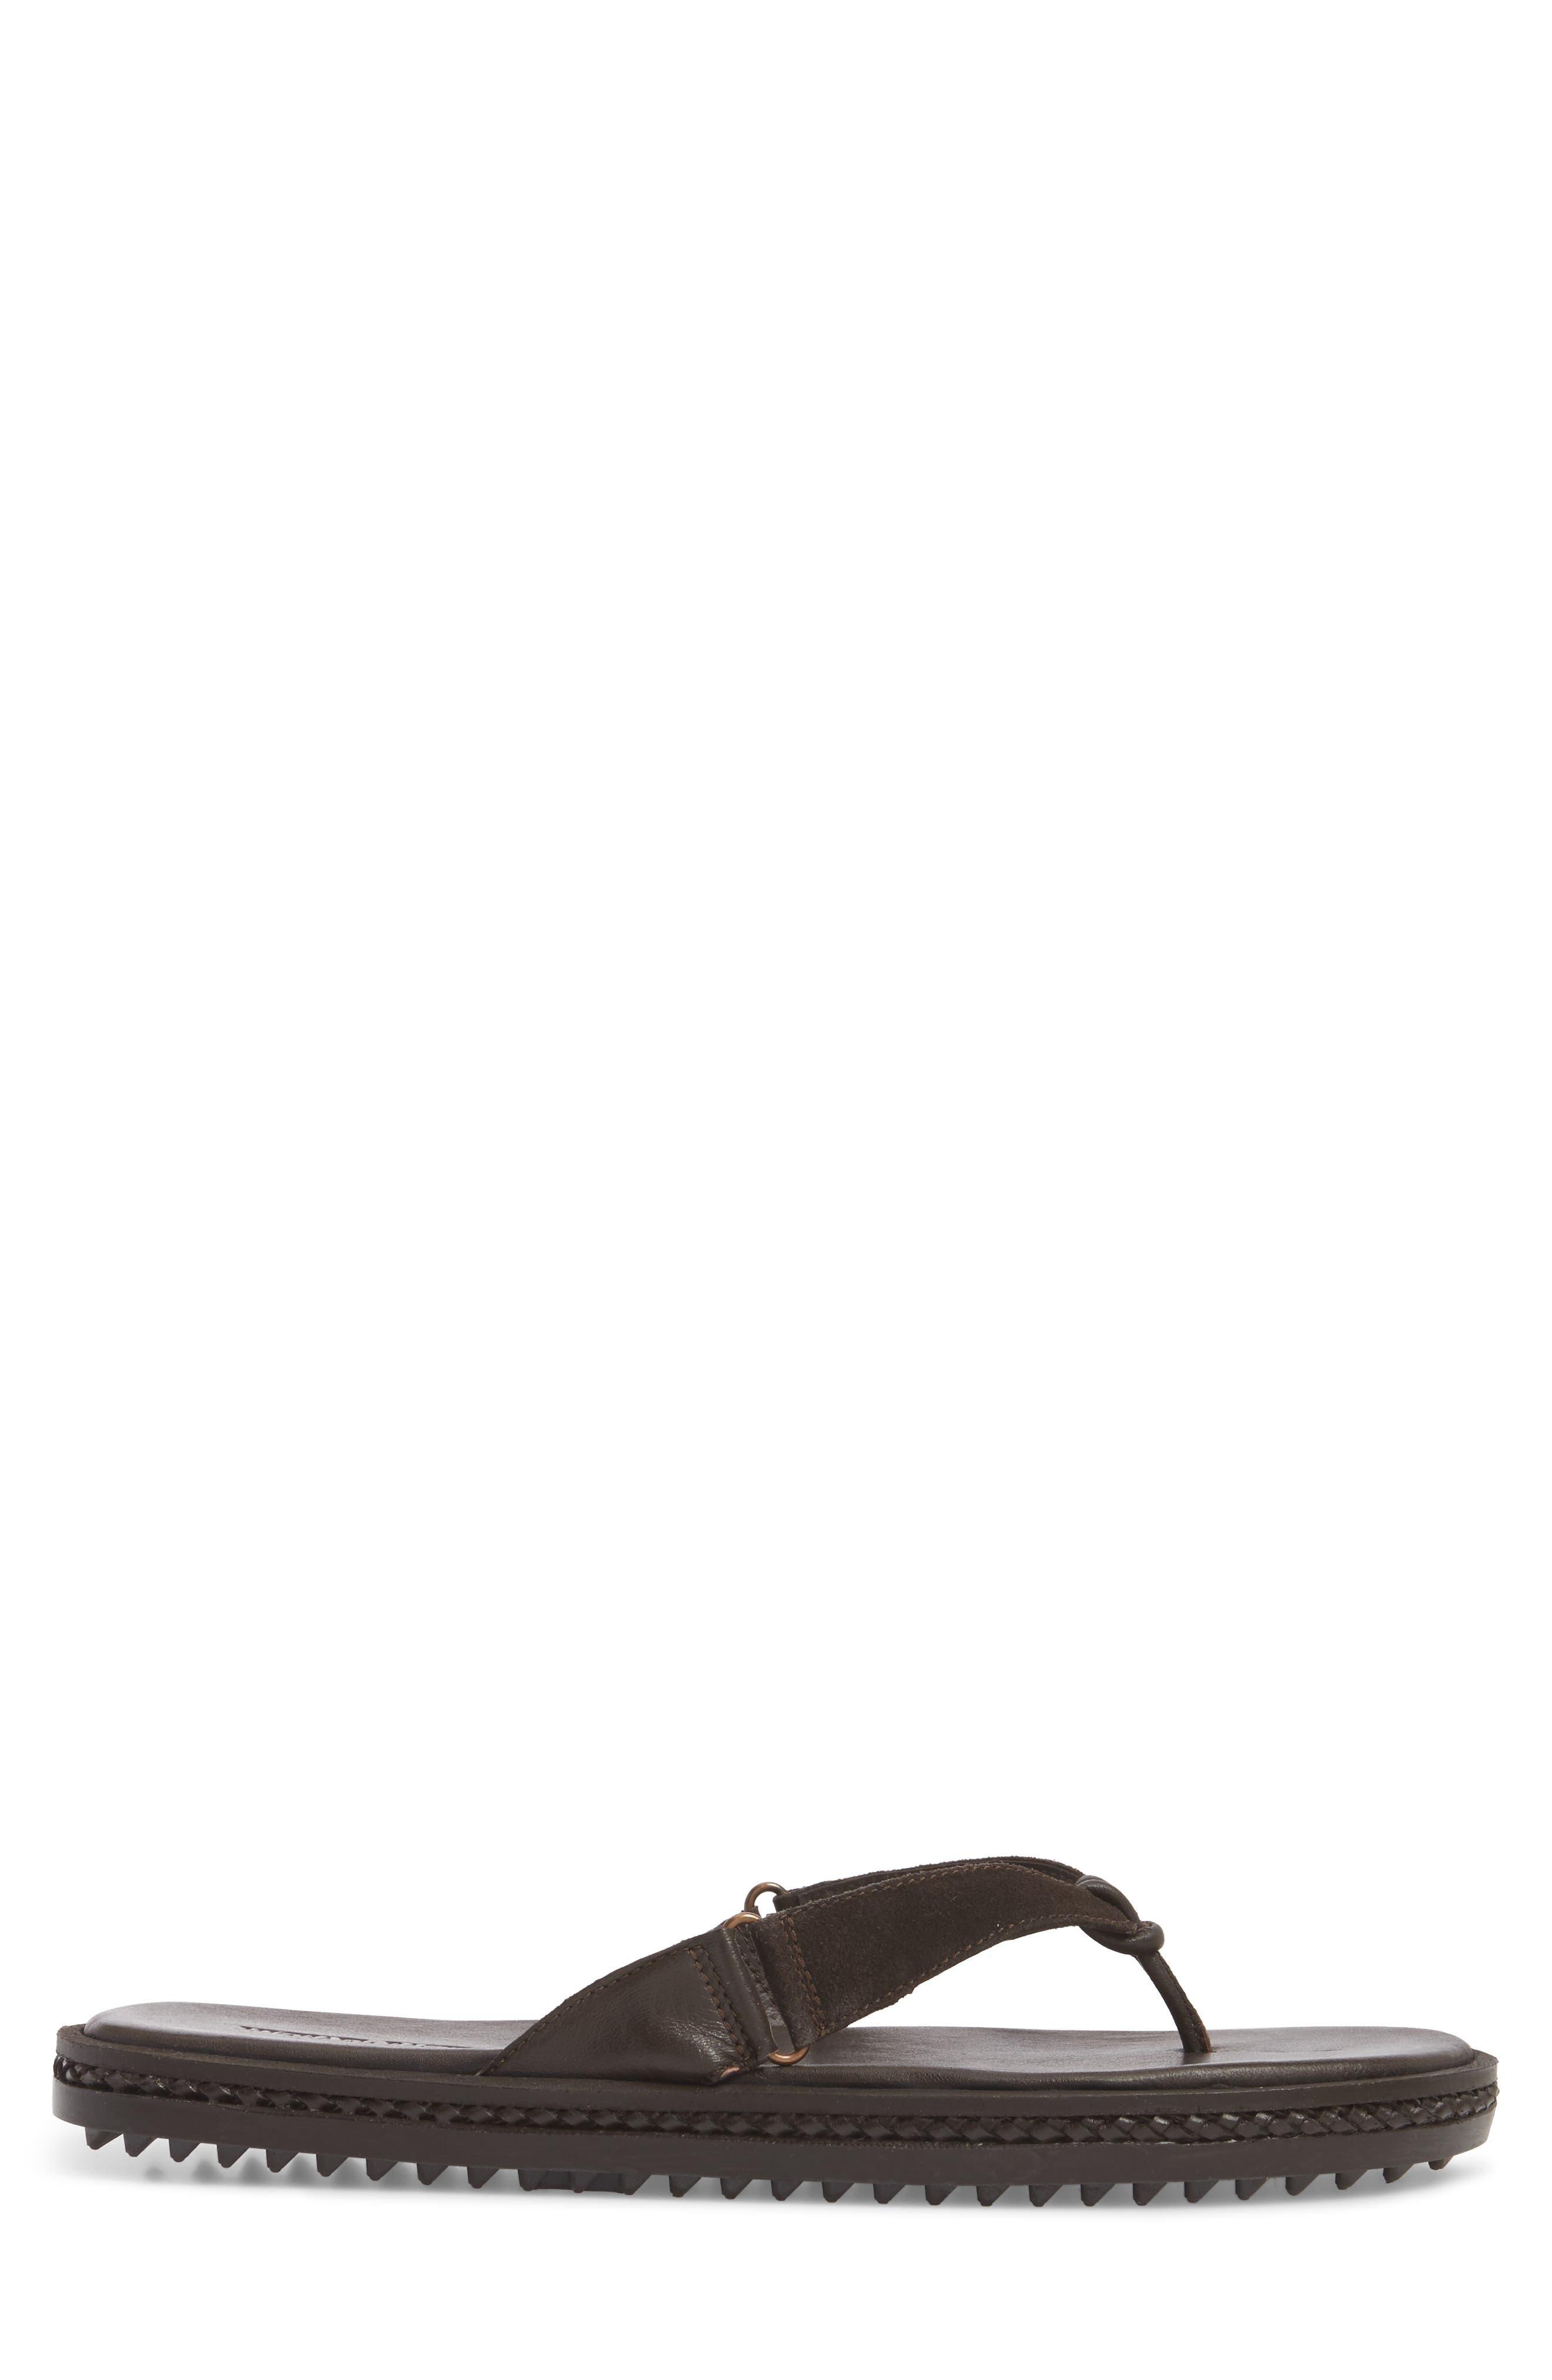 Michael Bastain Flip Flop,                             Alternate thumbnail 3, color,                             Brown Leather